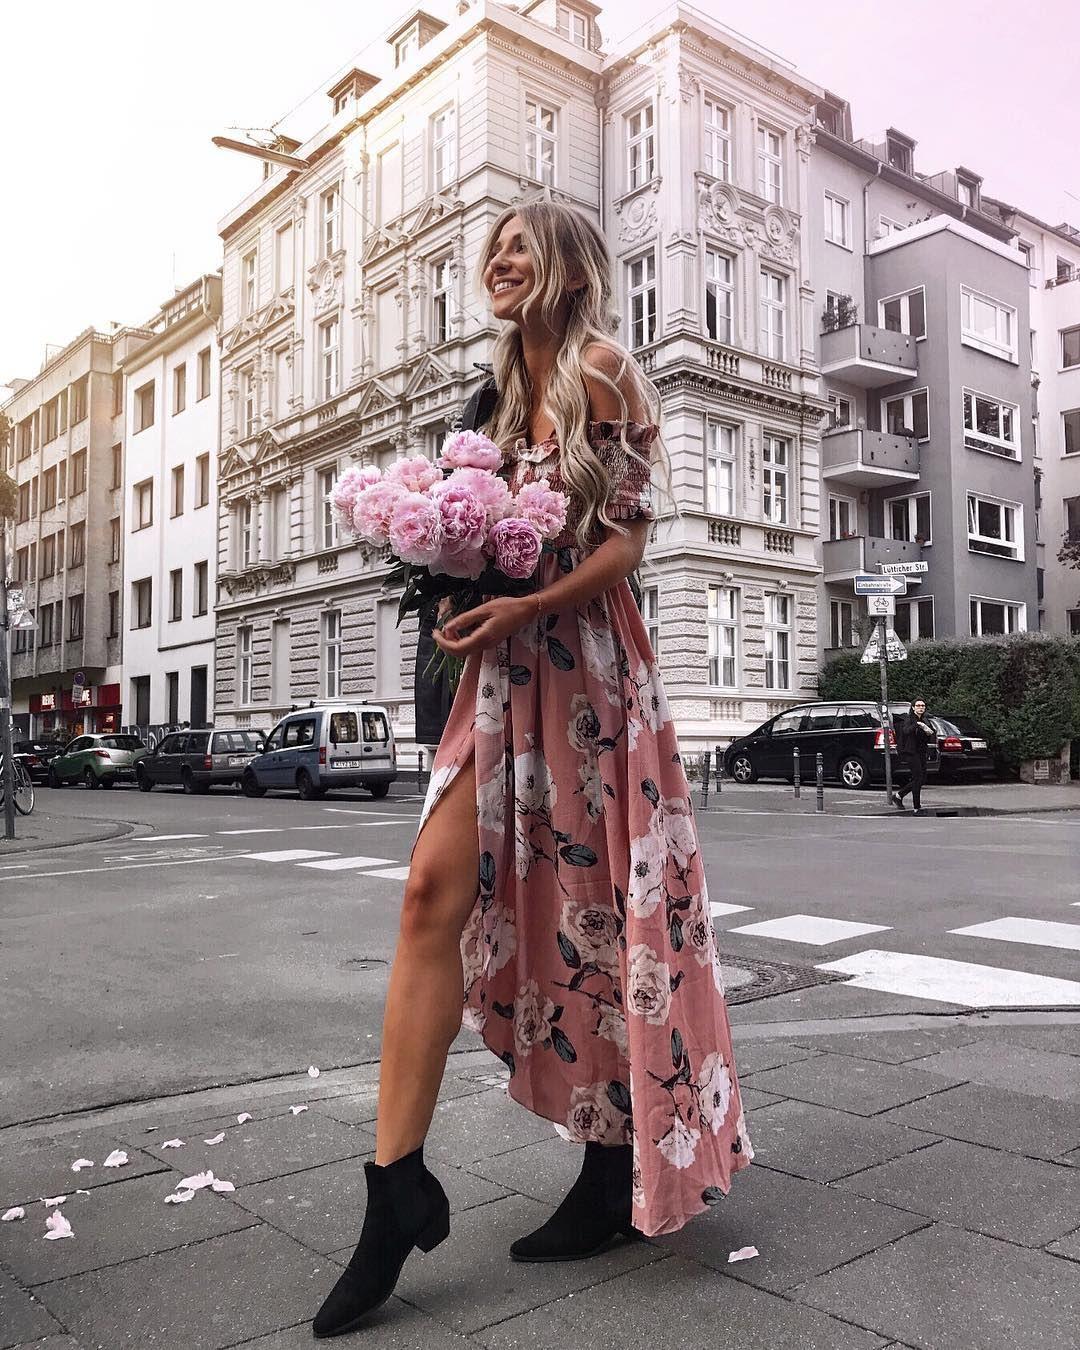 17 Einzigartig Abend Dress Instagram Bester PreisDesigner Schön Abend Dress Instagram Spezialgebiet